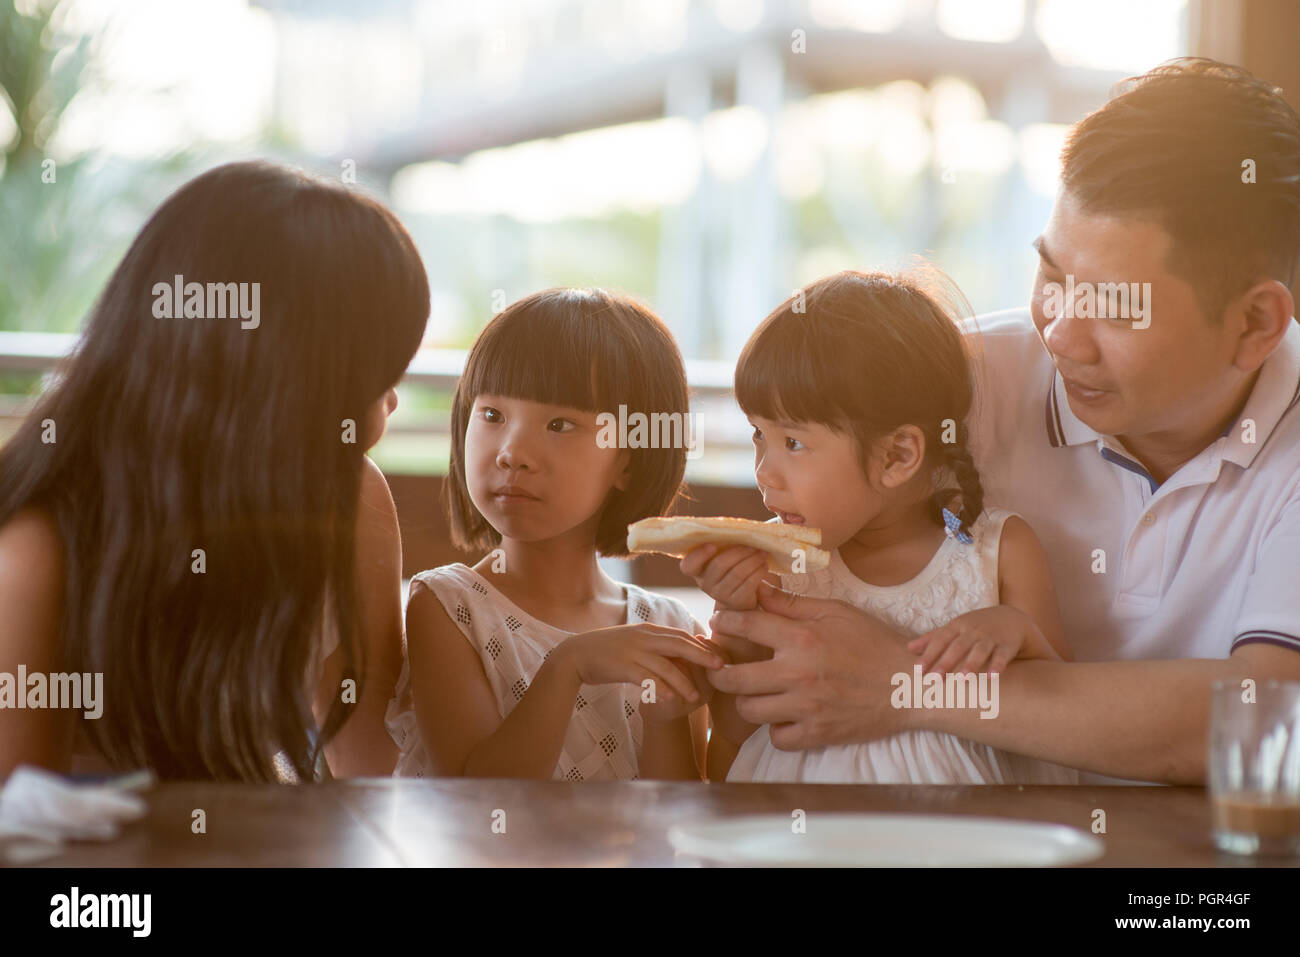 Heureux les enfants de manger et le partage d'toast au beurre au café. Vie de plein air famille asiatique avec lumière naturelle. Photo Stock